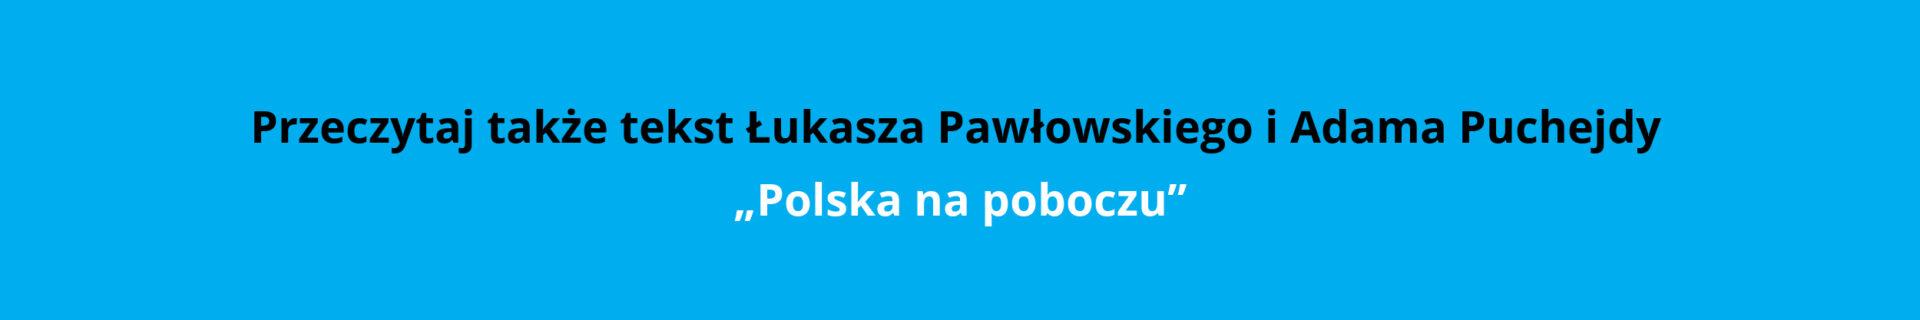 pawlowskipuchejda